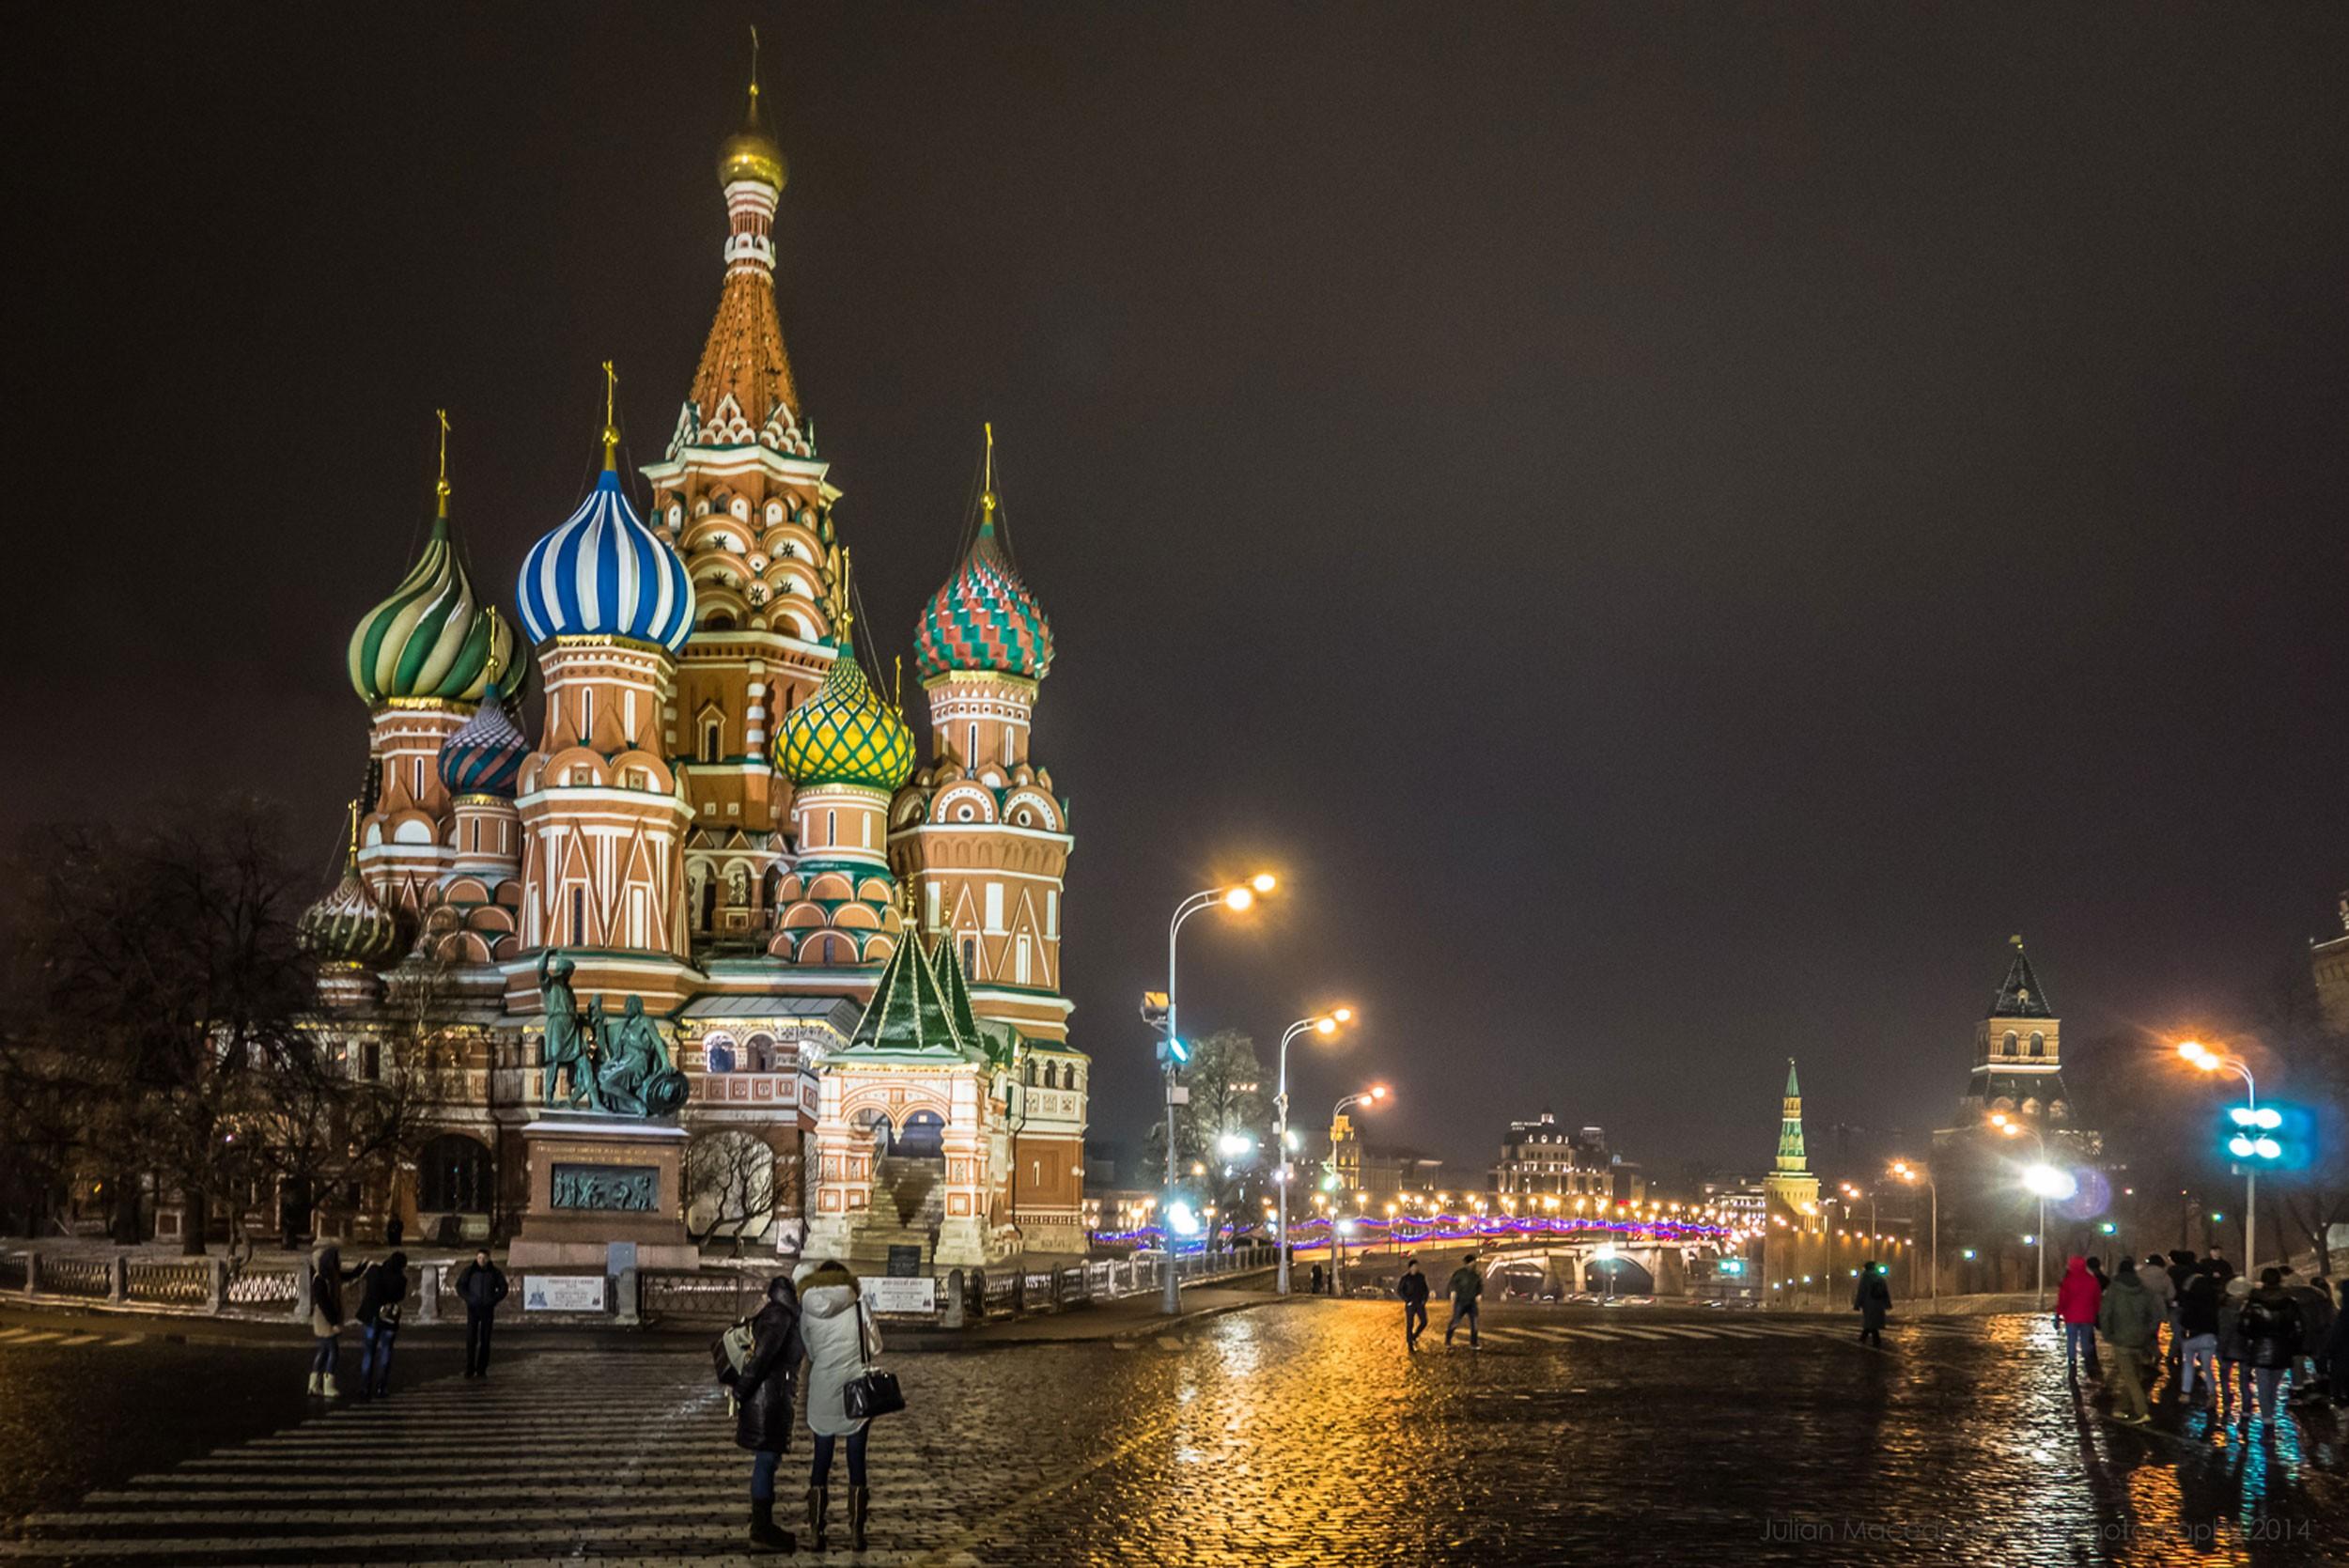 Copa da Rússia 2018: saiba quanto custa, o que fazer no país e outras dicas de viagem